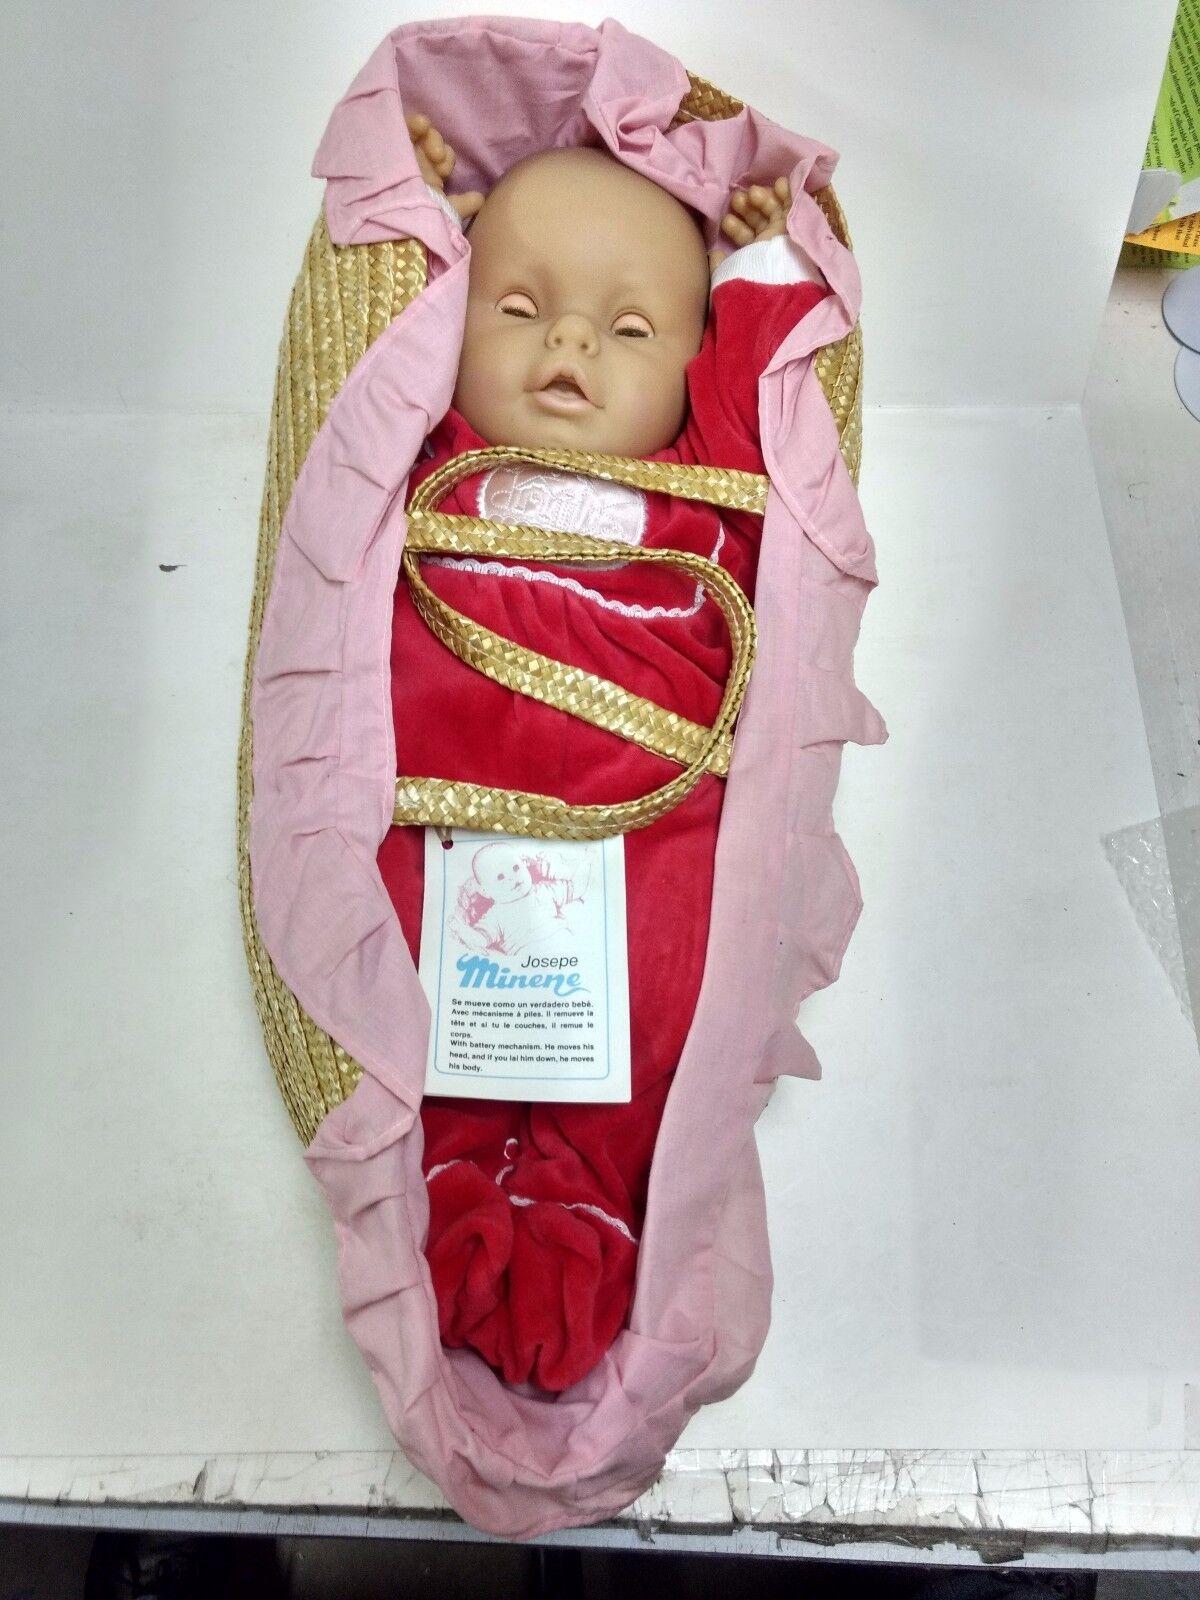 Josepe Minene Leben wie Baby Batterie Betriebene Rot Schlafanzug 21 in ds245